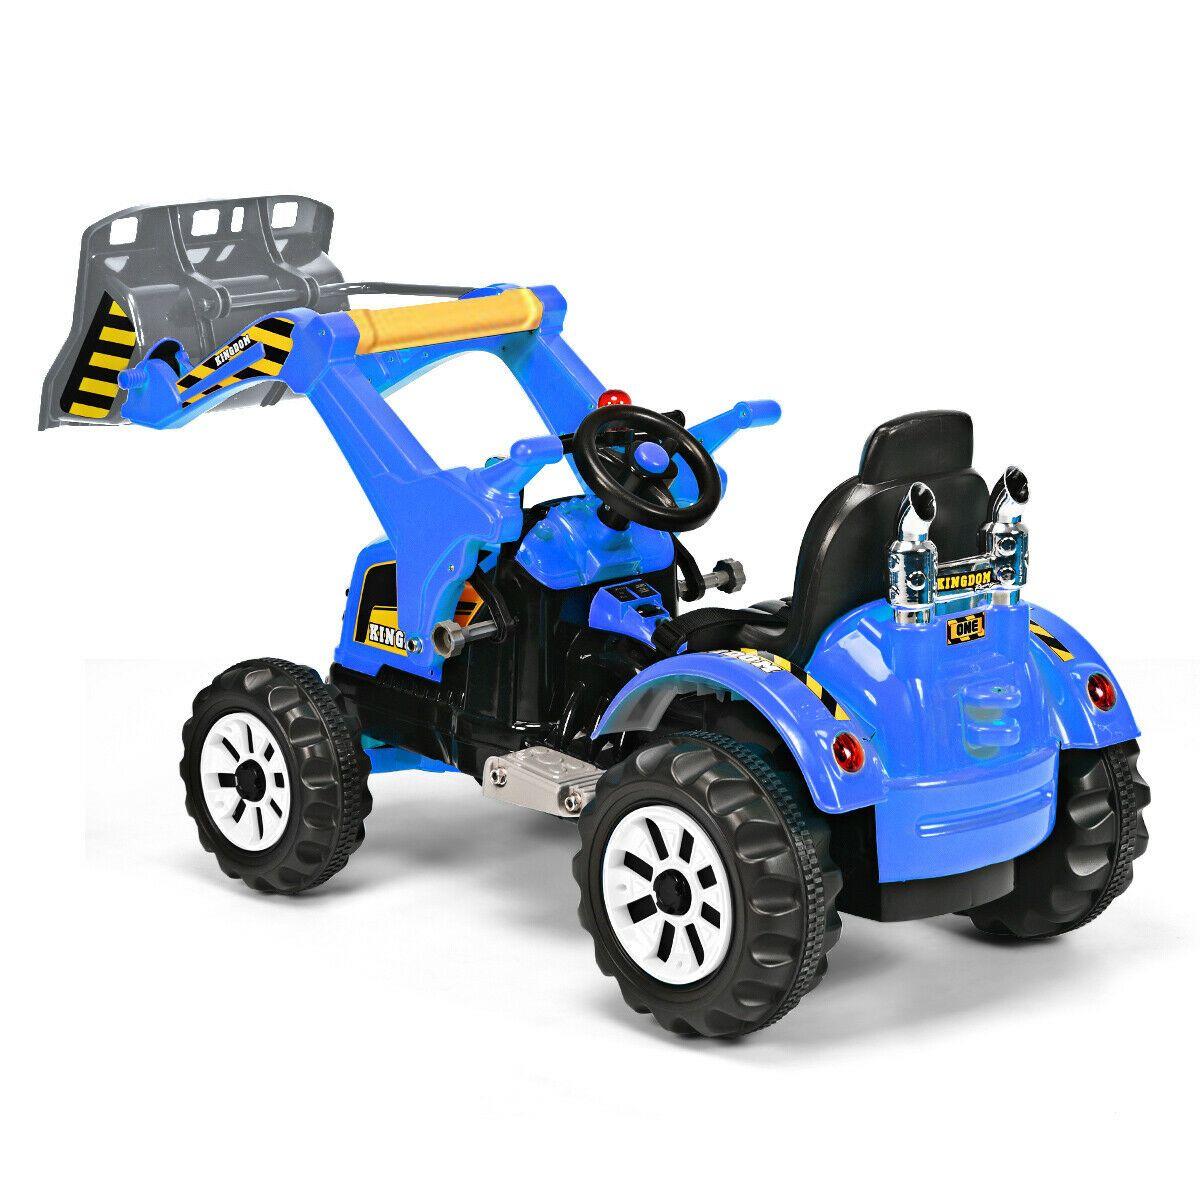 12V Battery Powered Children's Ride on Dumper TruckBlue